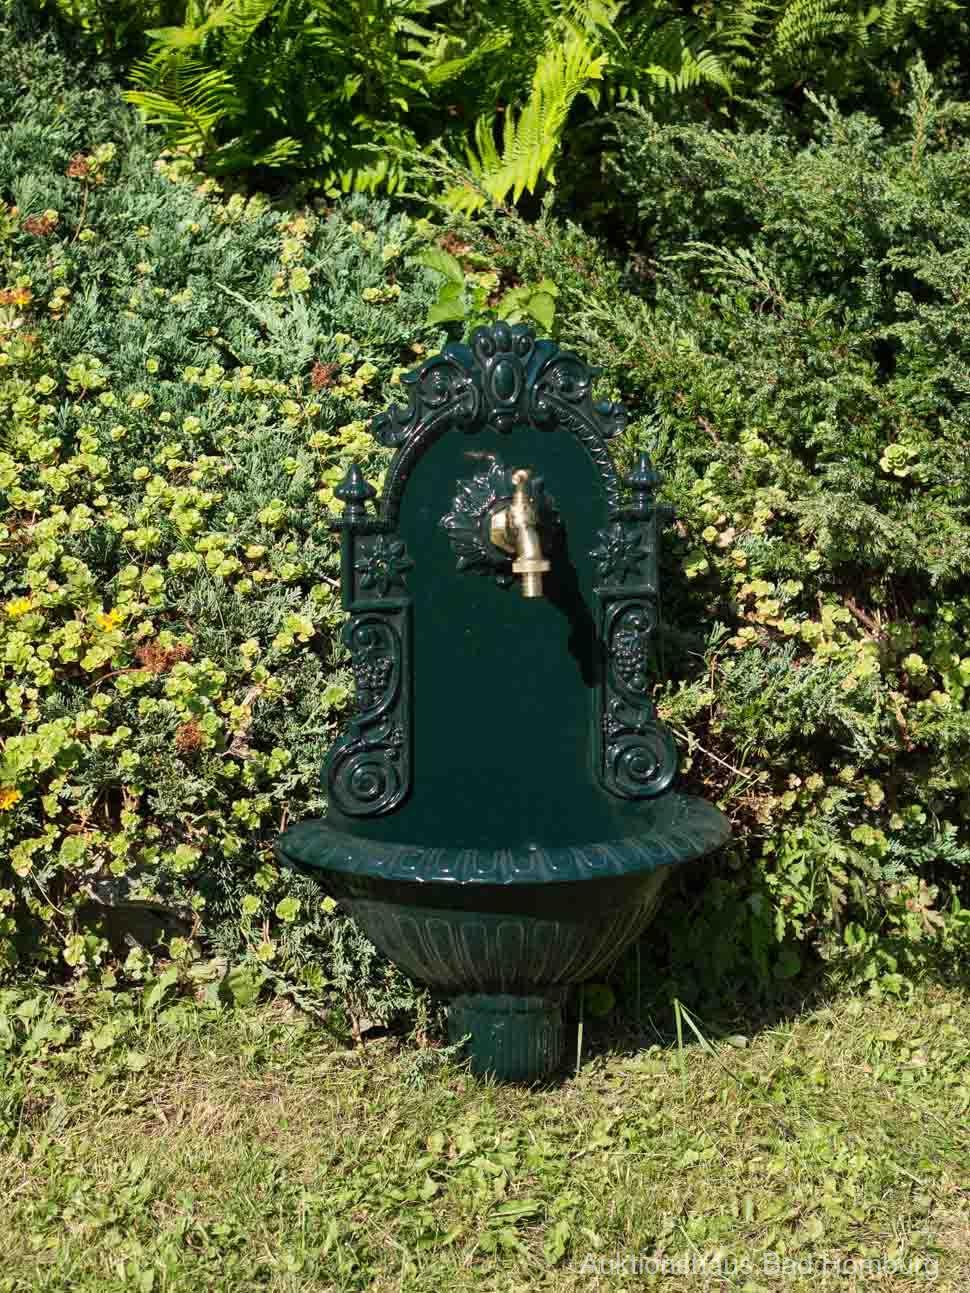 Waschbecken Wein Wandbrunnen Garten Aluminium Becken Brunnen Antik-Stil grün